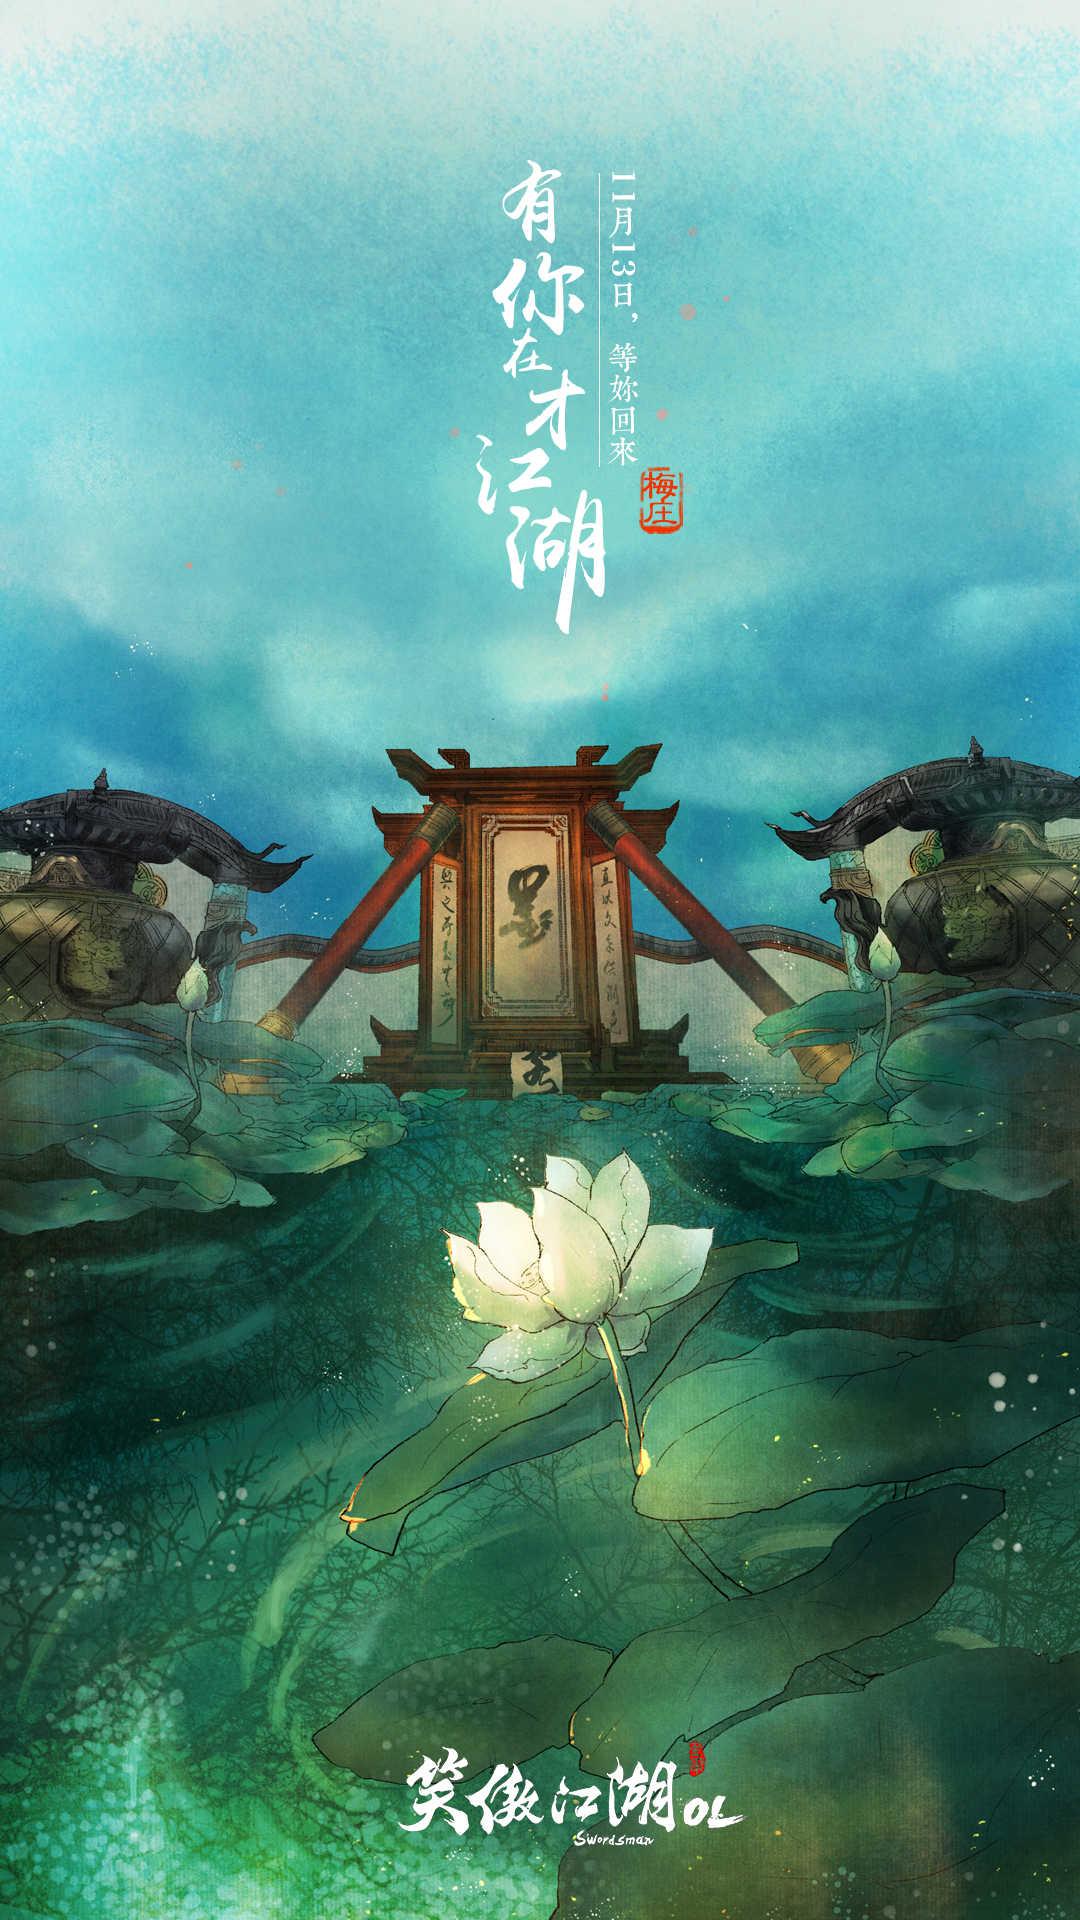 新闻资讯_游戏壁纸 -《笑傲江湖OL》官方网站